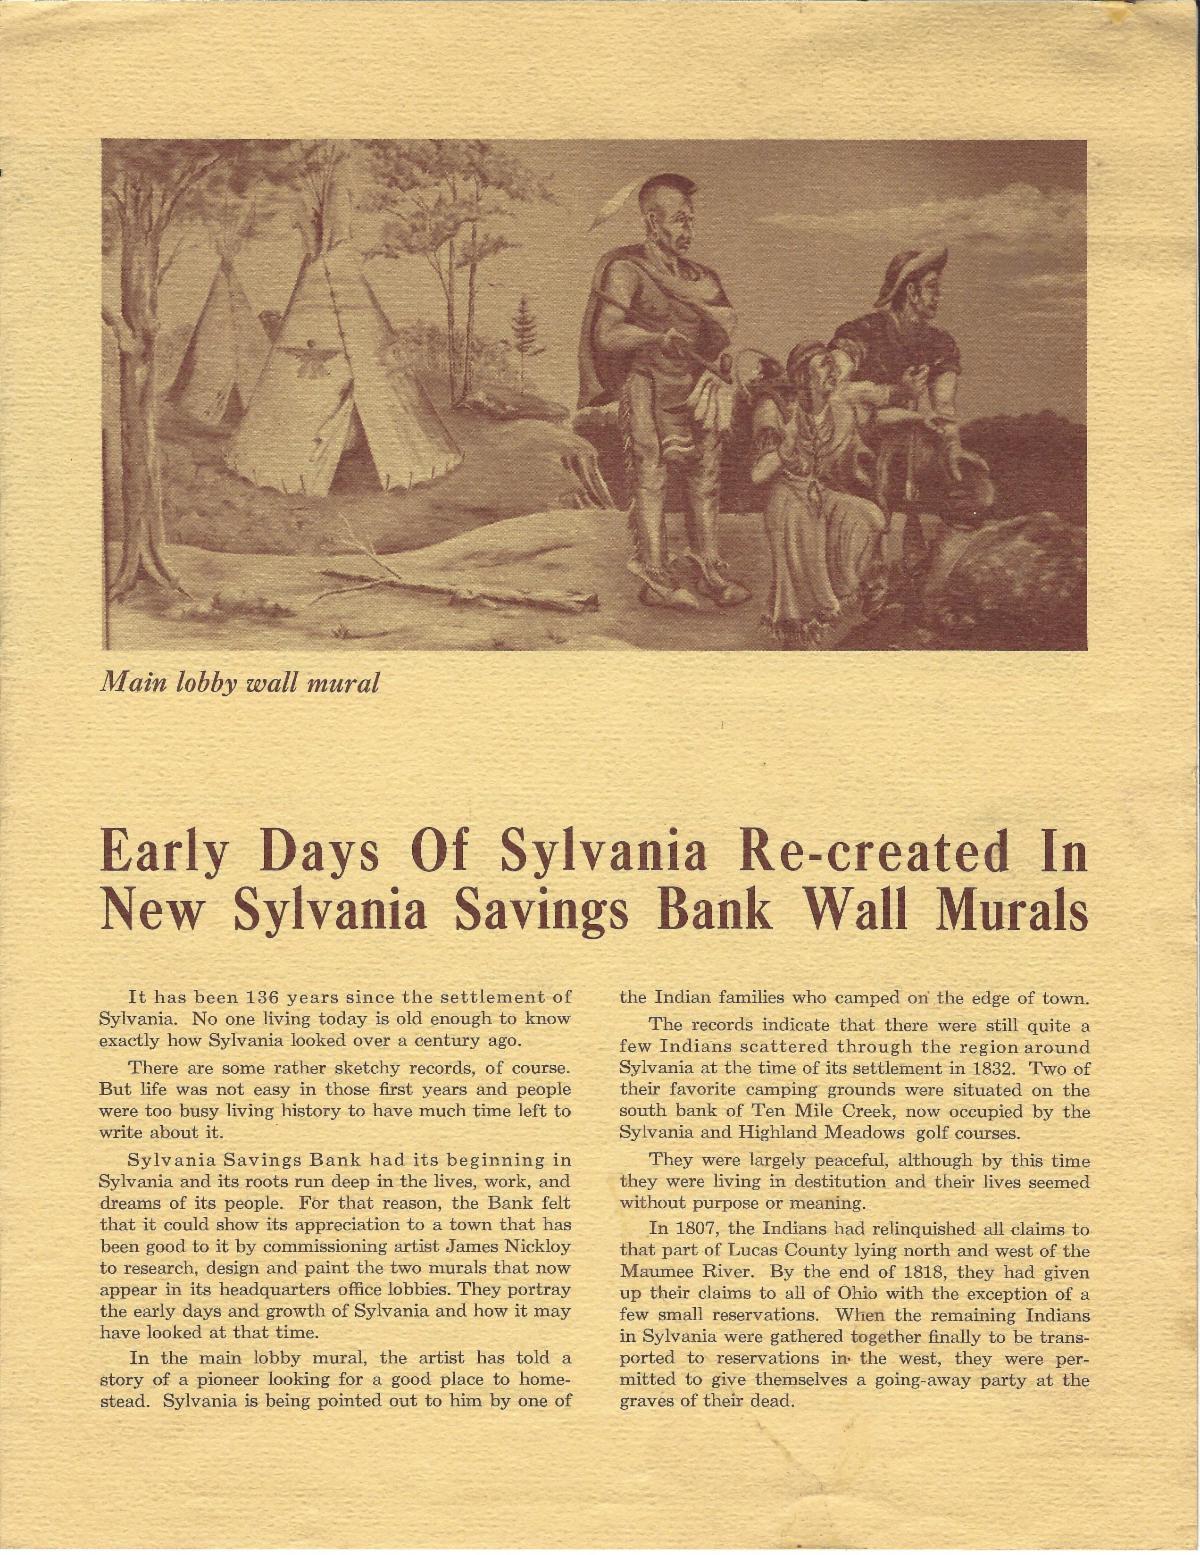 Sylvania Savings Bank Mural